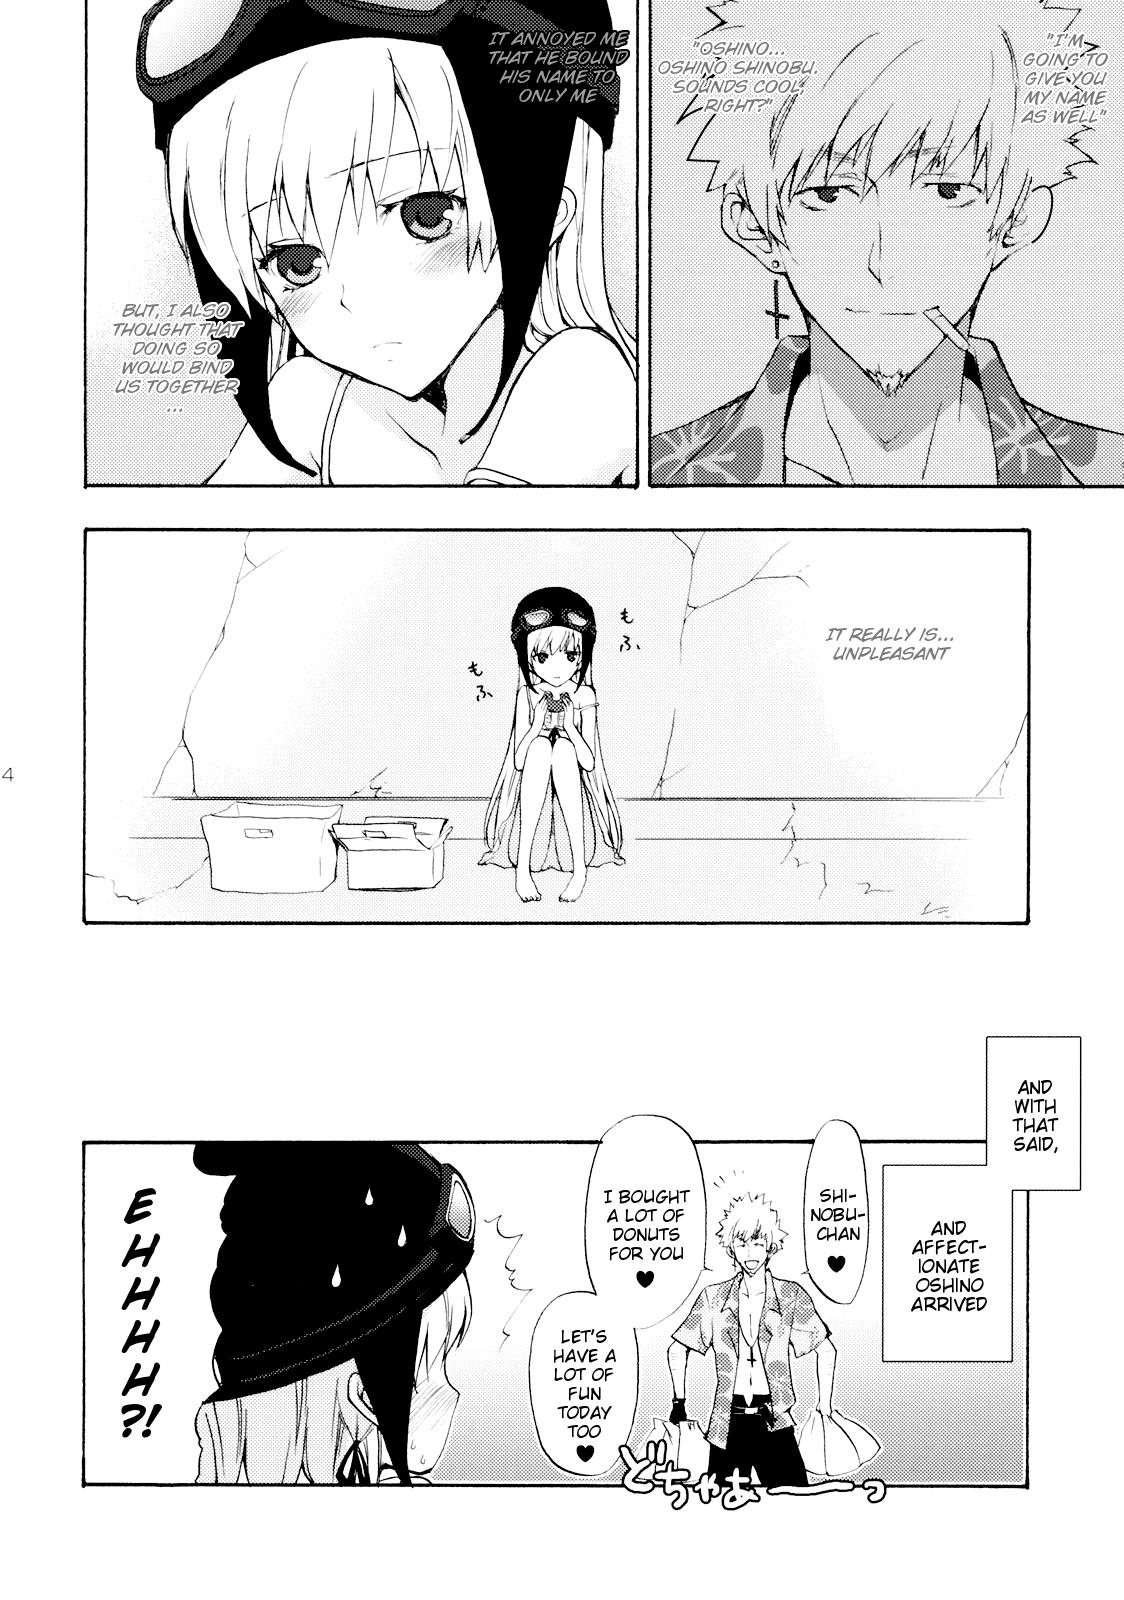 [Aa Aishiteru (Taishow)] Oshino-San-chi no Shinobu-chan. (Bakemonogatari) [English] =LWB= 12